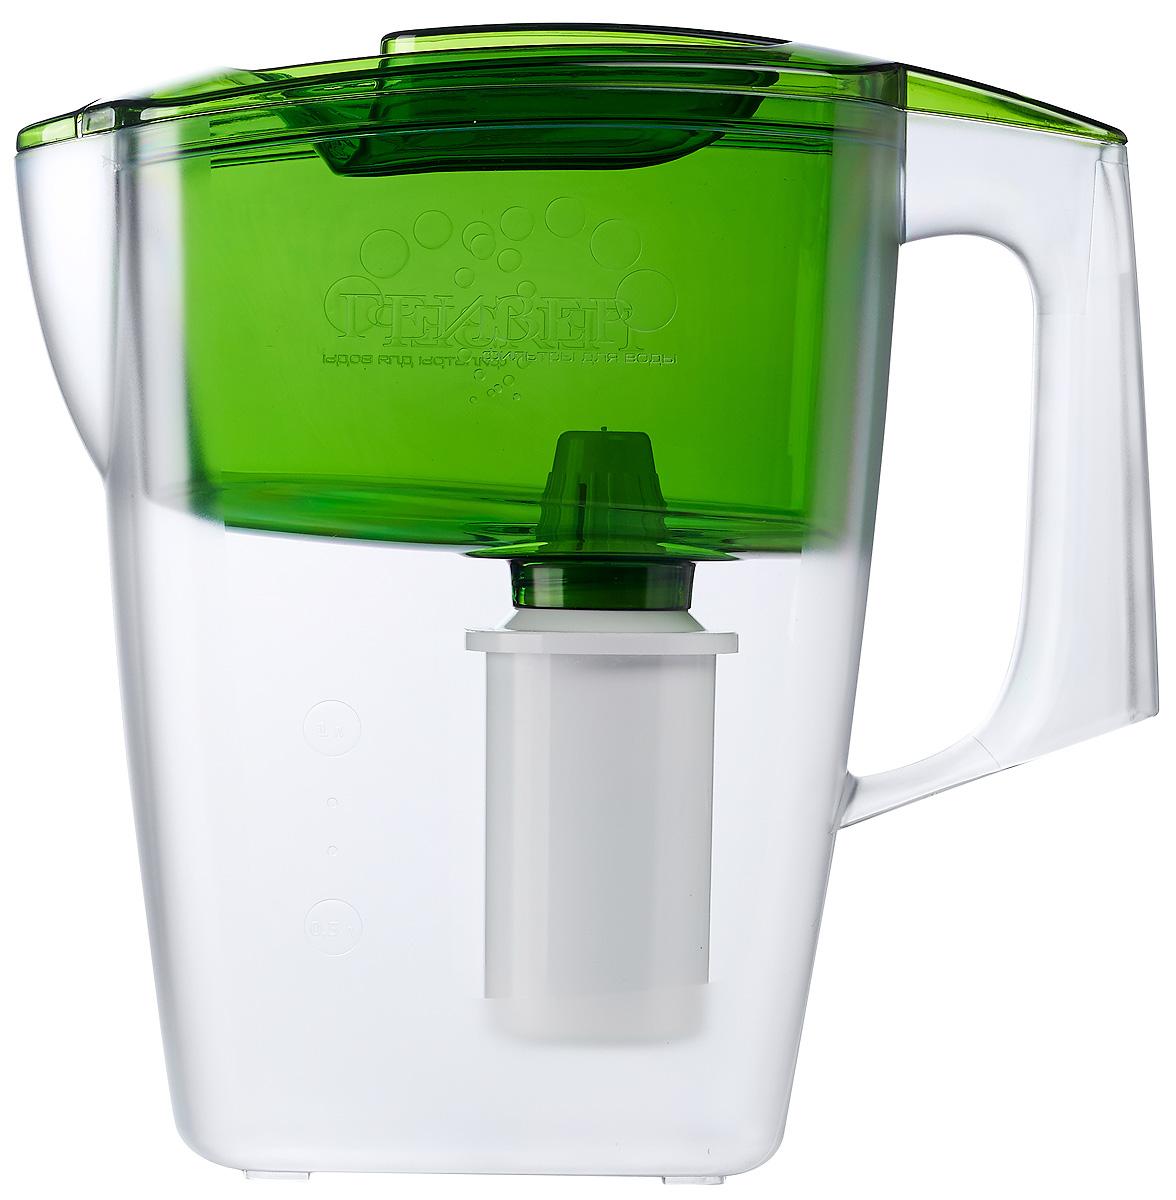 Фото - Фильтр-кувшин Гейзер Альфа, цвет: зеленый, 2,5 л кувшин гейзер аквилон зеленый 3л 62042